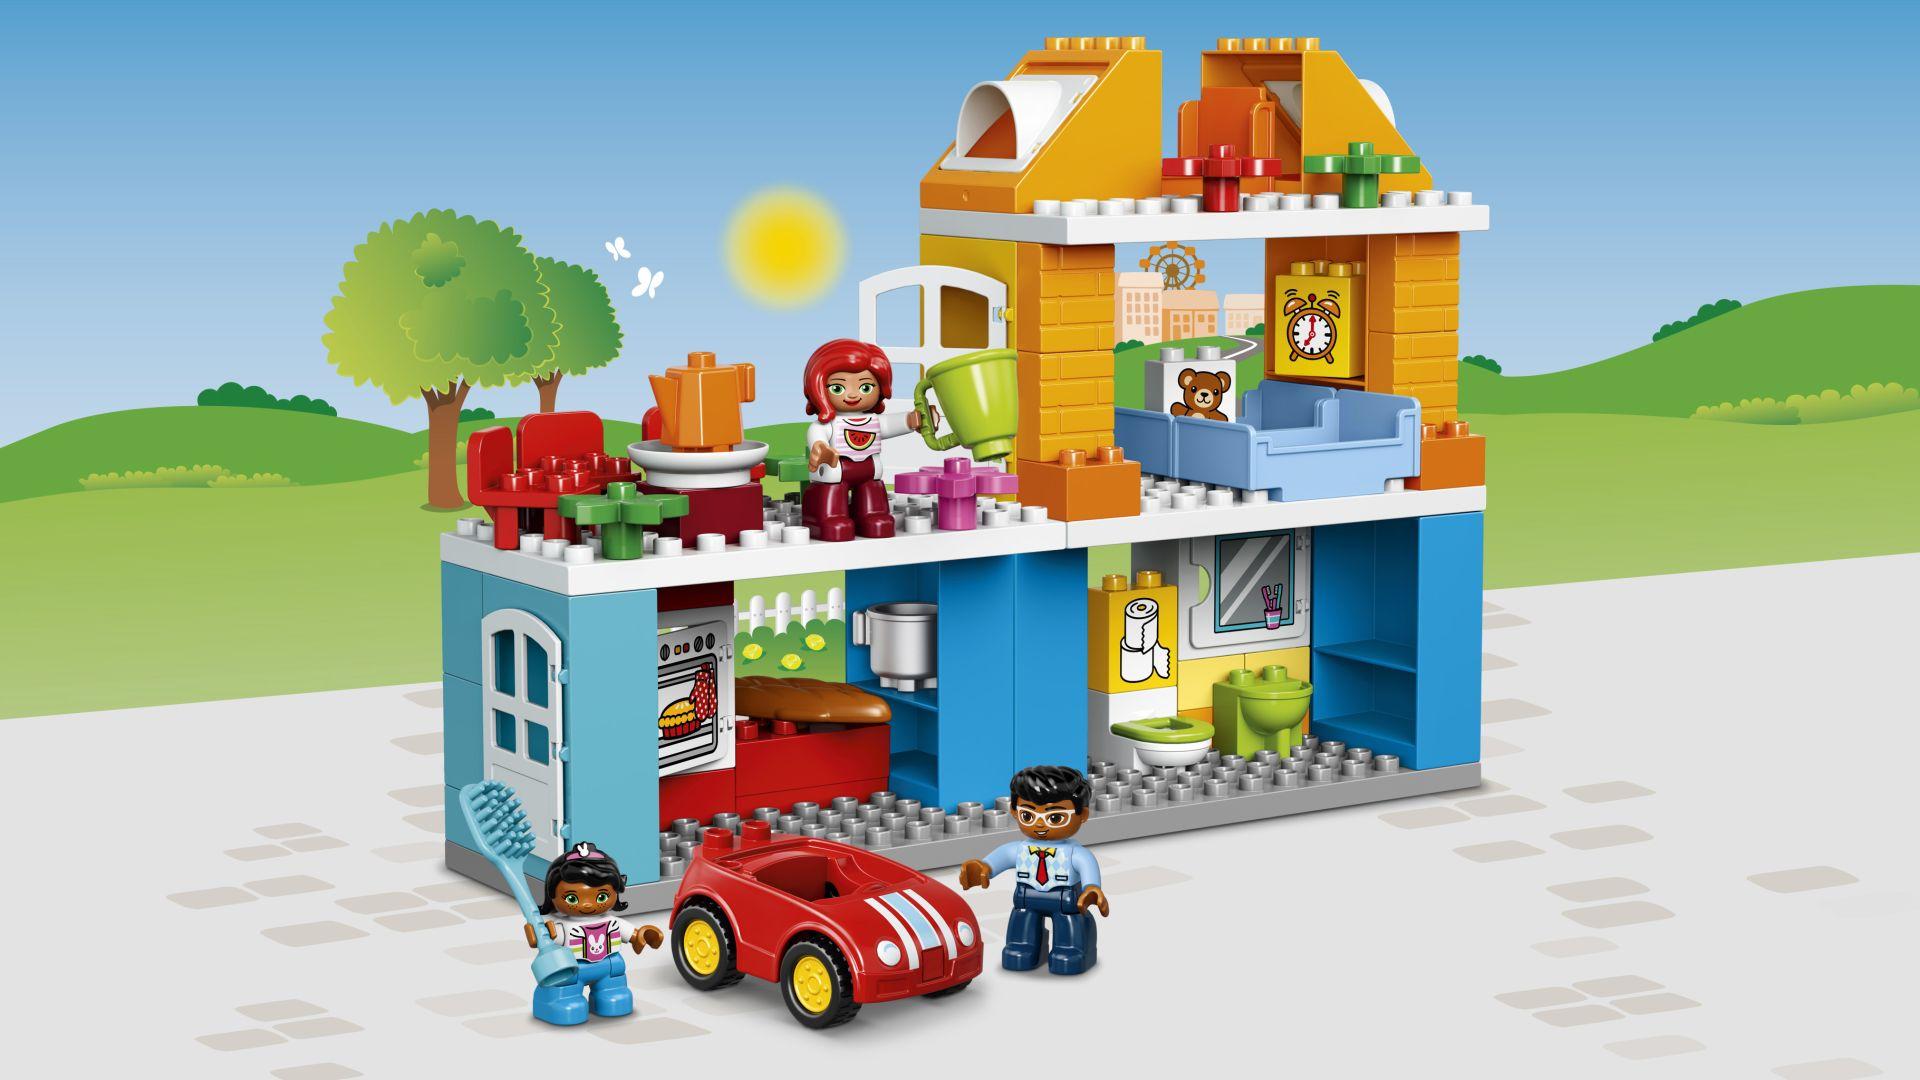 maison familiale lego duplo acheter sur kidsroom jouet jouets pour enfants. Black Bedroom Furniture Sets. Home Design Ideas